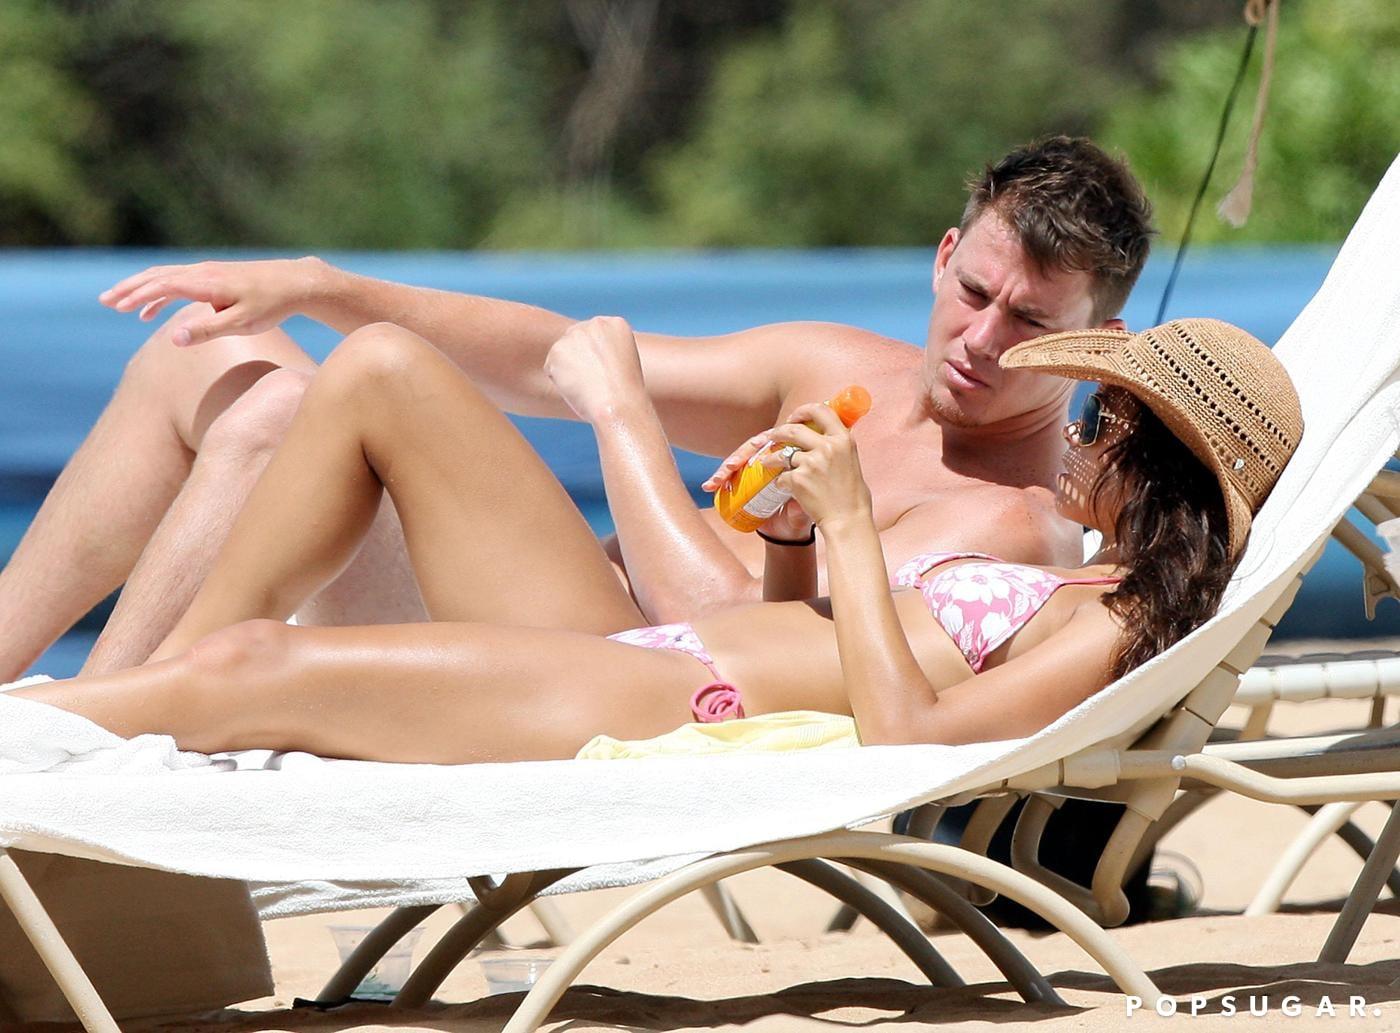 Channing Tatum and Jenna Dewan Tatum